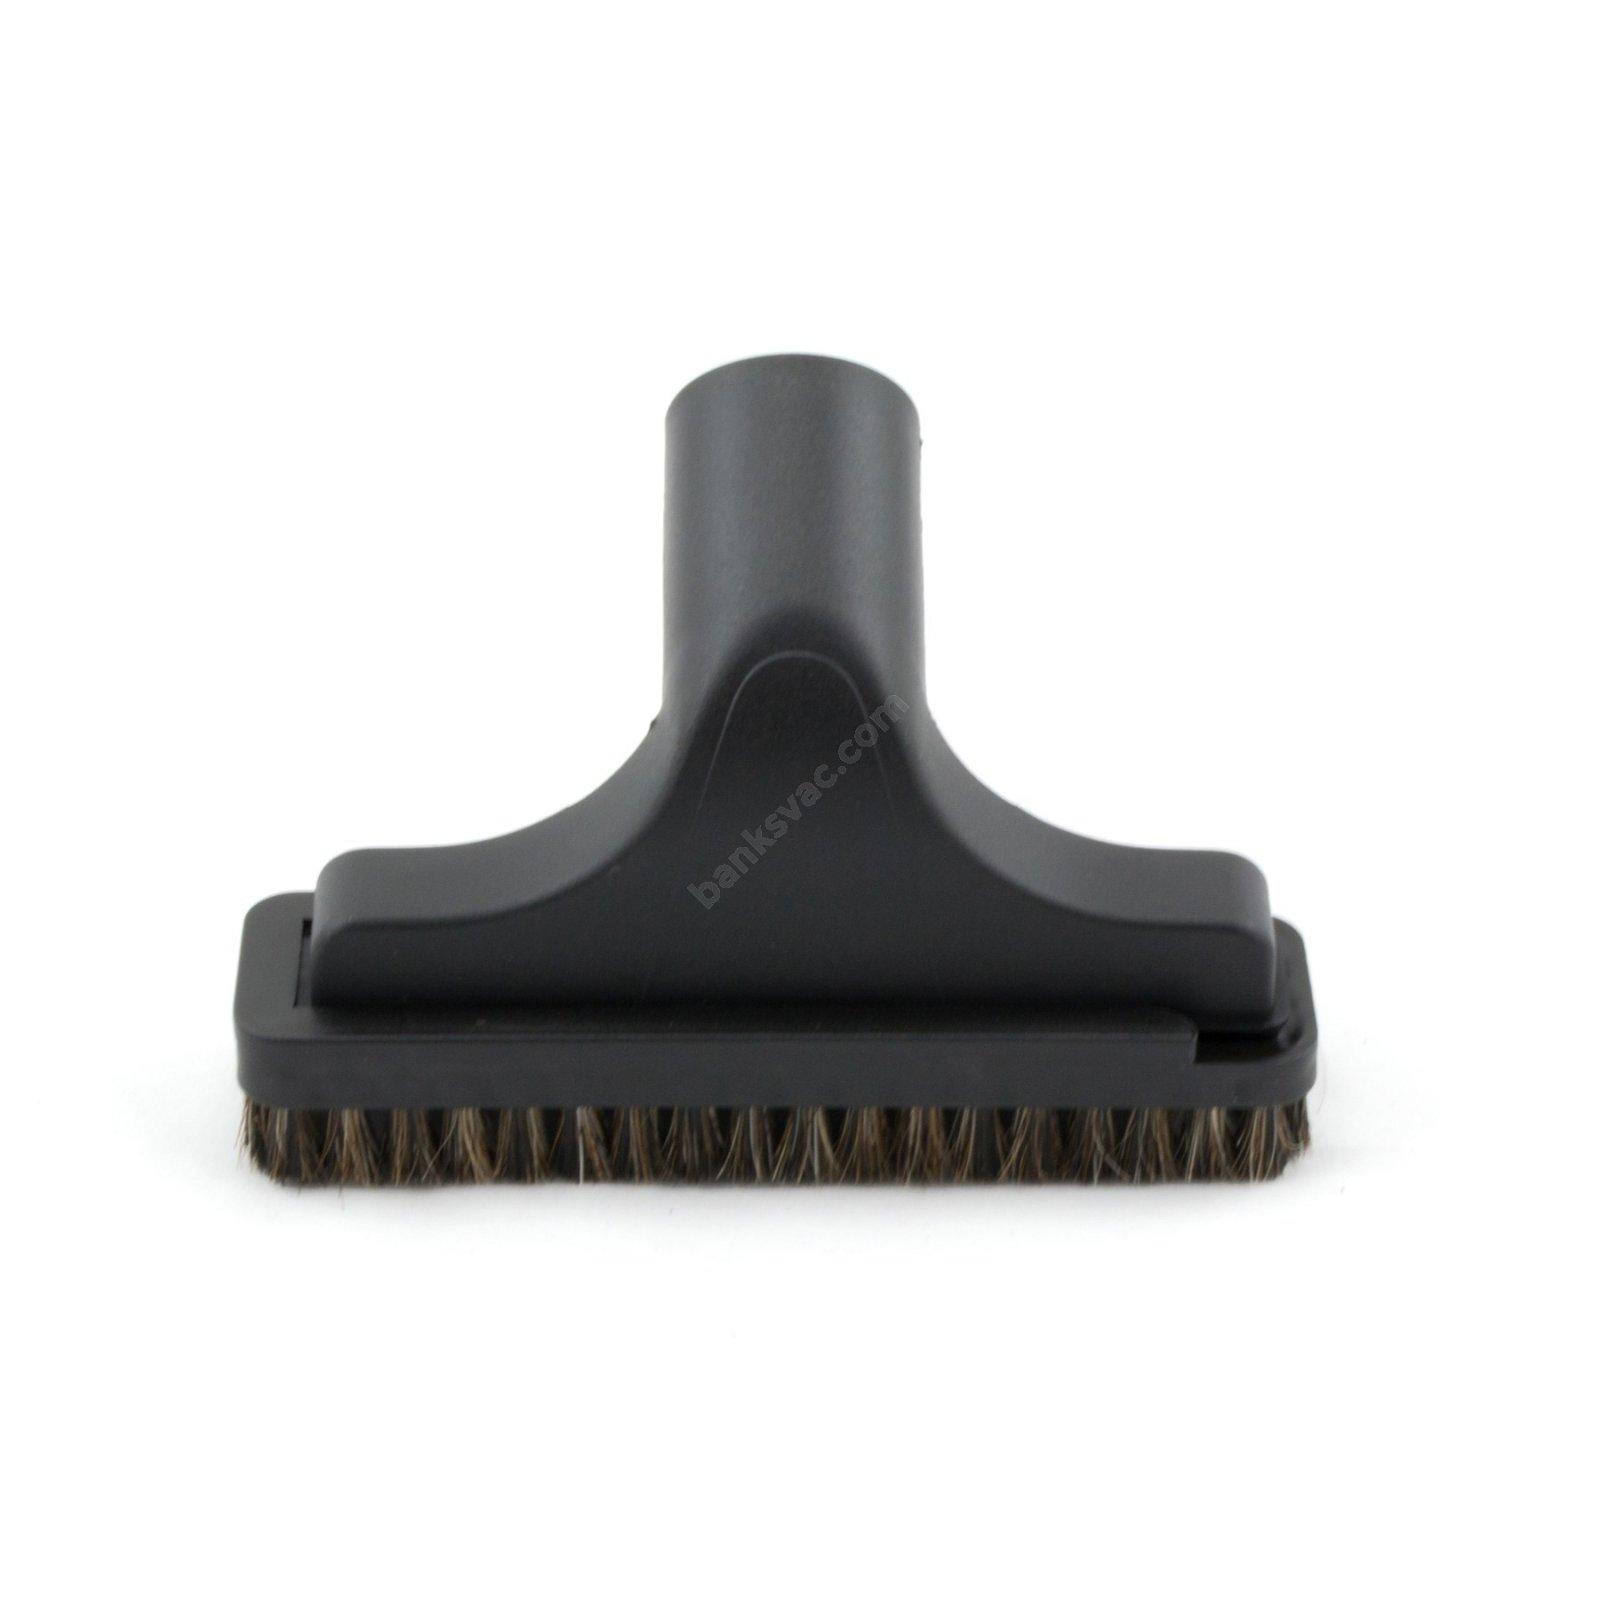 Upholstery Tool- Sliding Brush